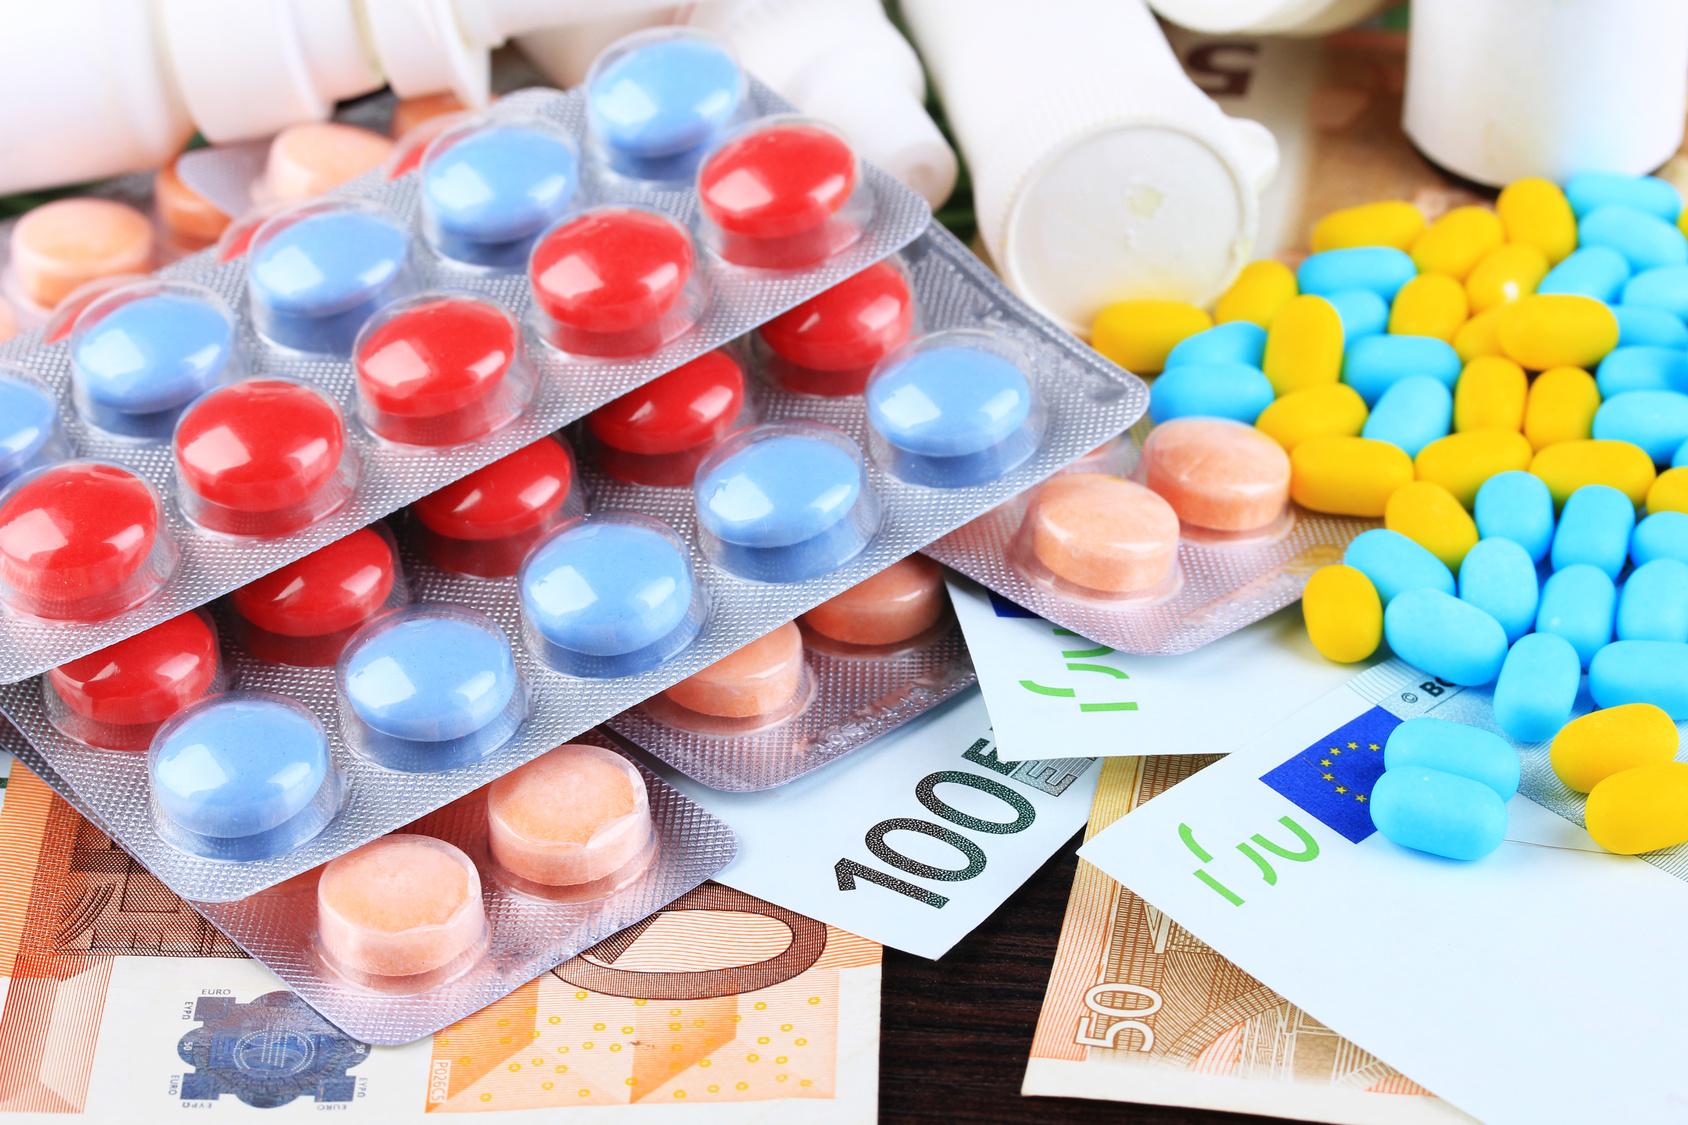 zuzahlungsbefreiung f r arzneimittel in der gkv beantragen so geht 39 s belastungsgrenze. Black Bedroom Furniture Sets. Home Design Ideas